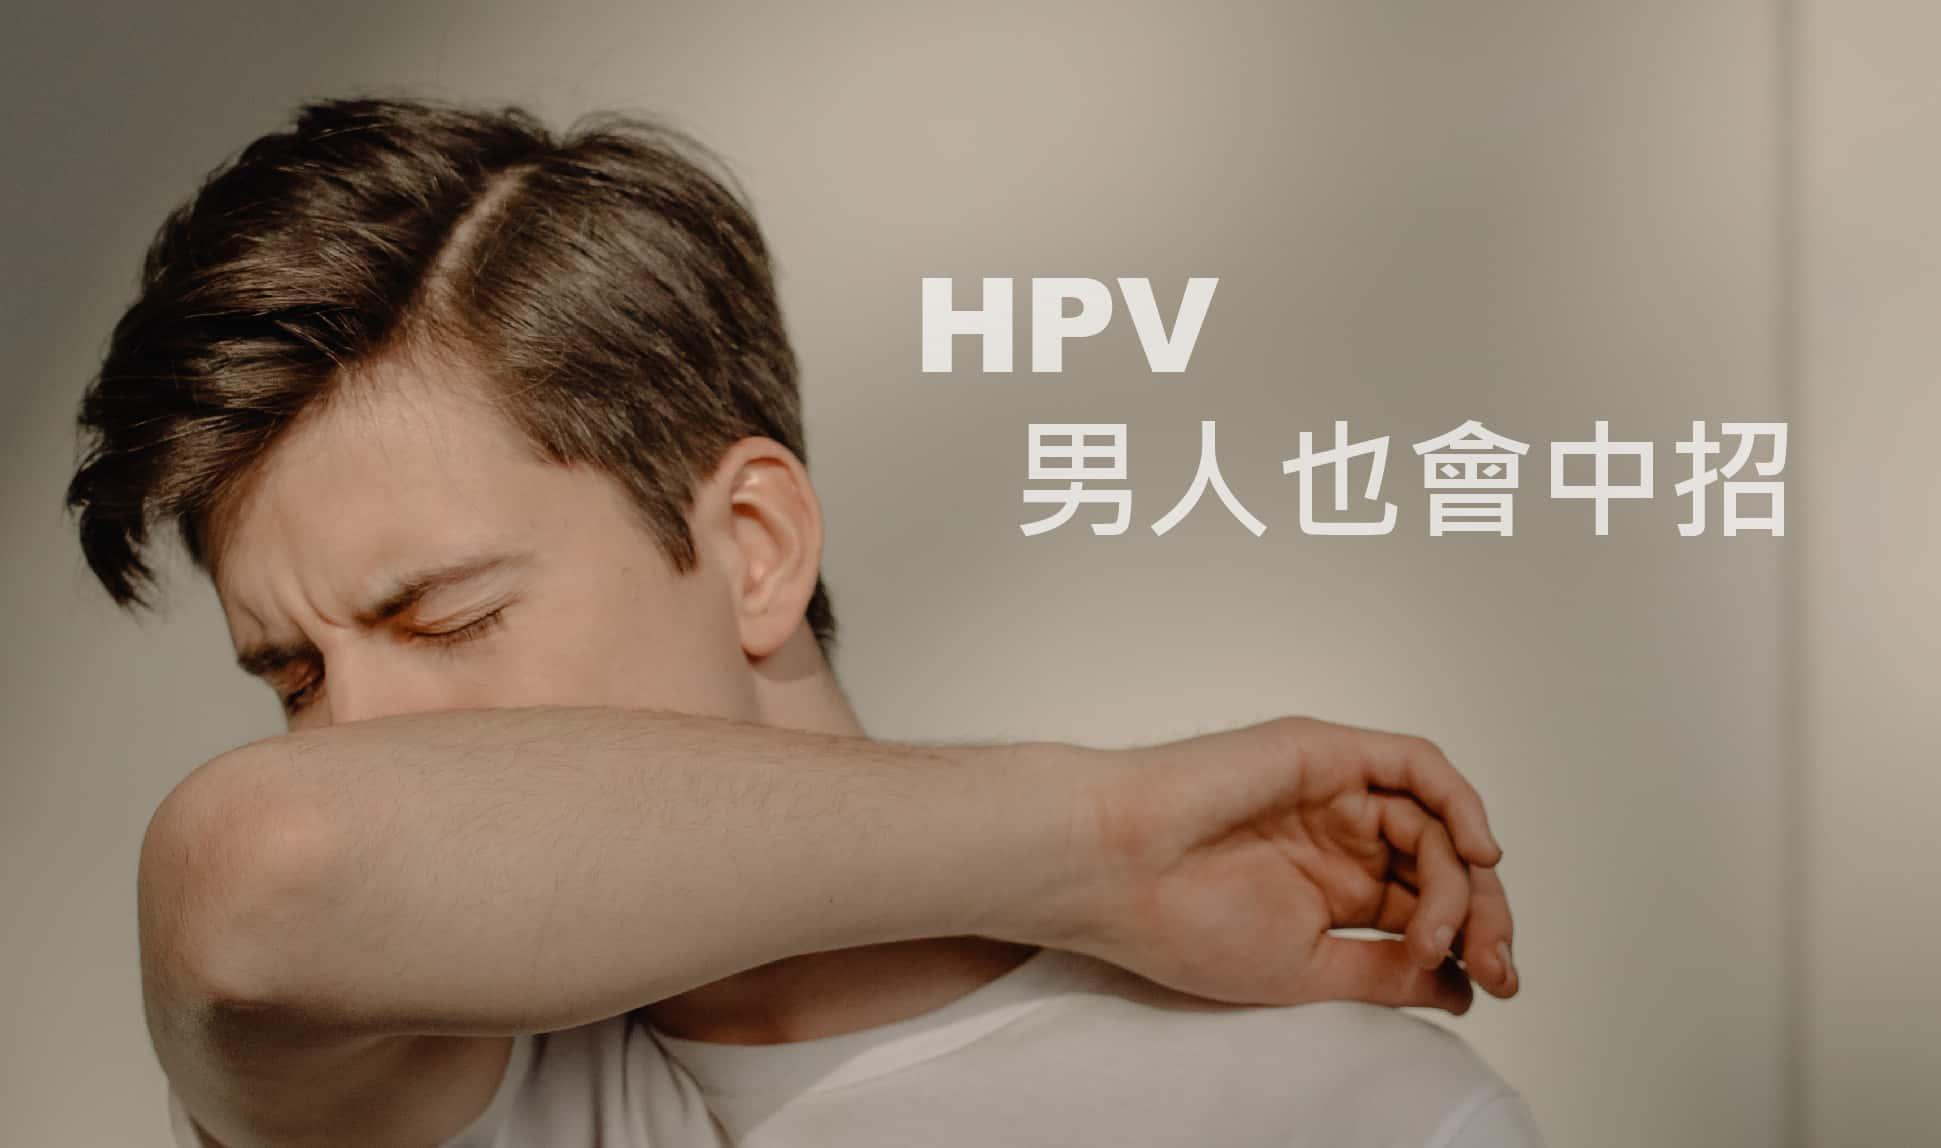 感染hPV男性一樣逃不掉,HPV男人也會中招,其實HPV疫苗男女都應該一起接種!